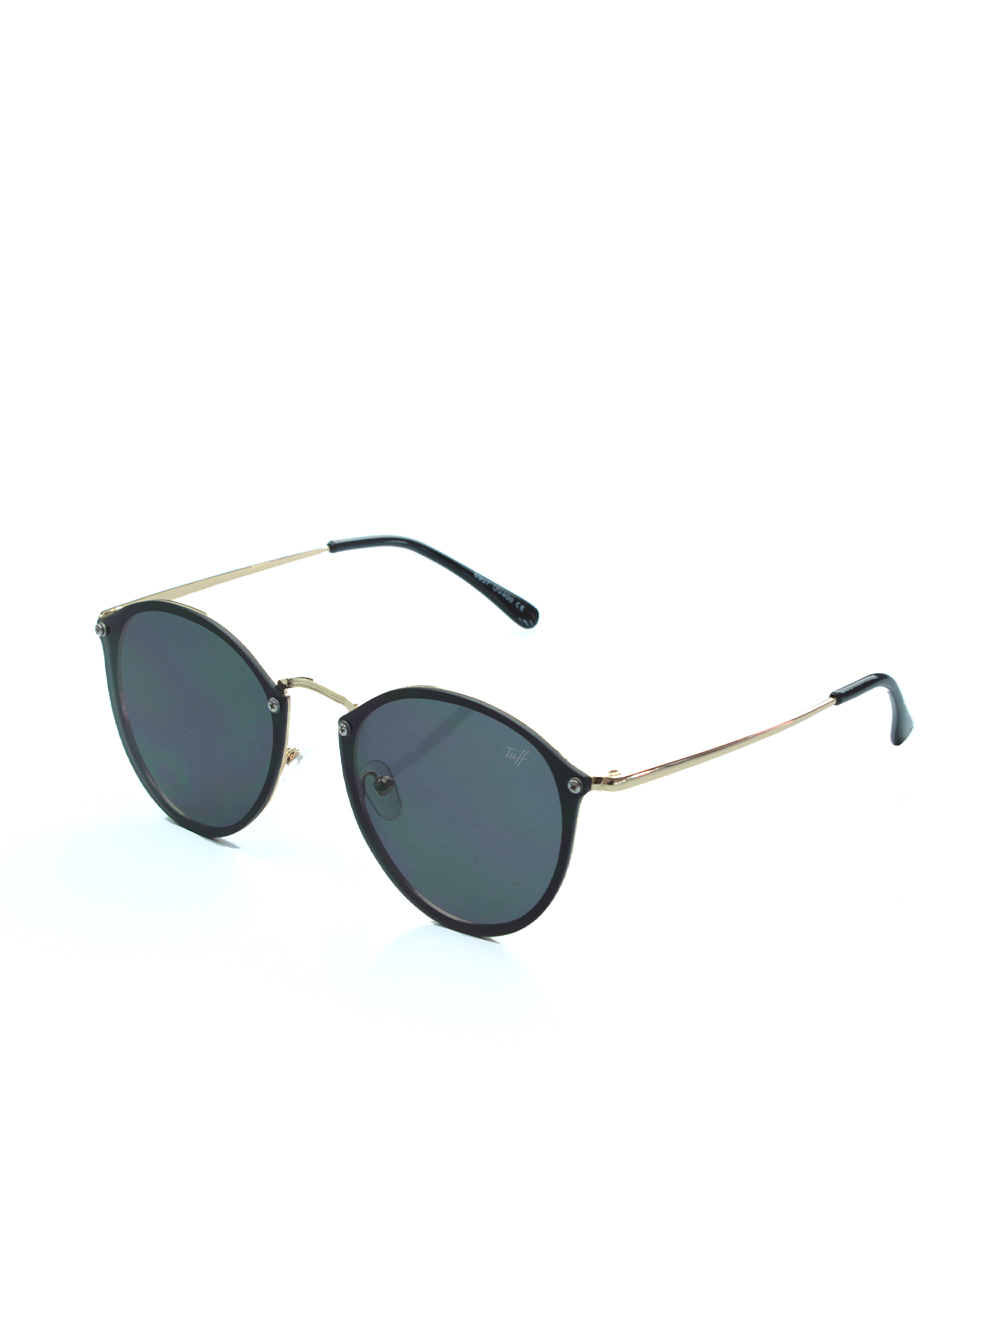 Sunglasses Redondo Preto